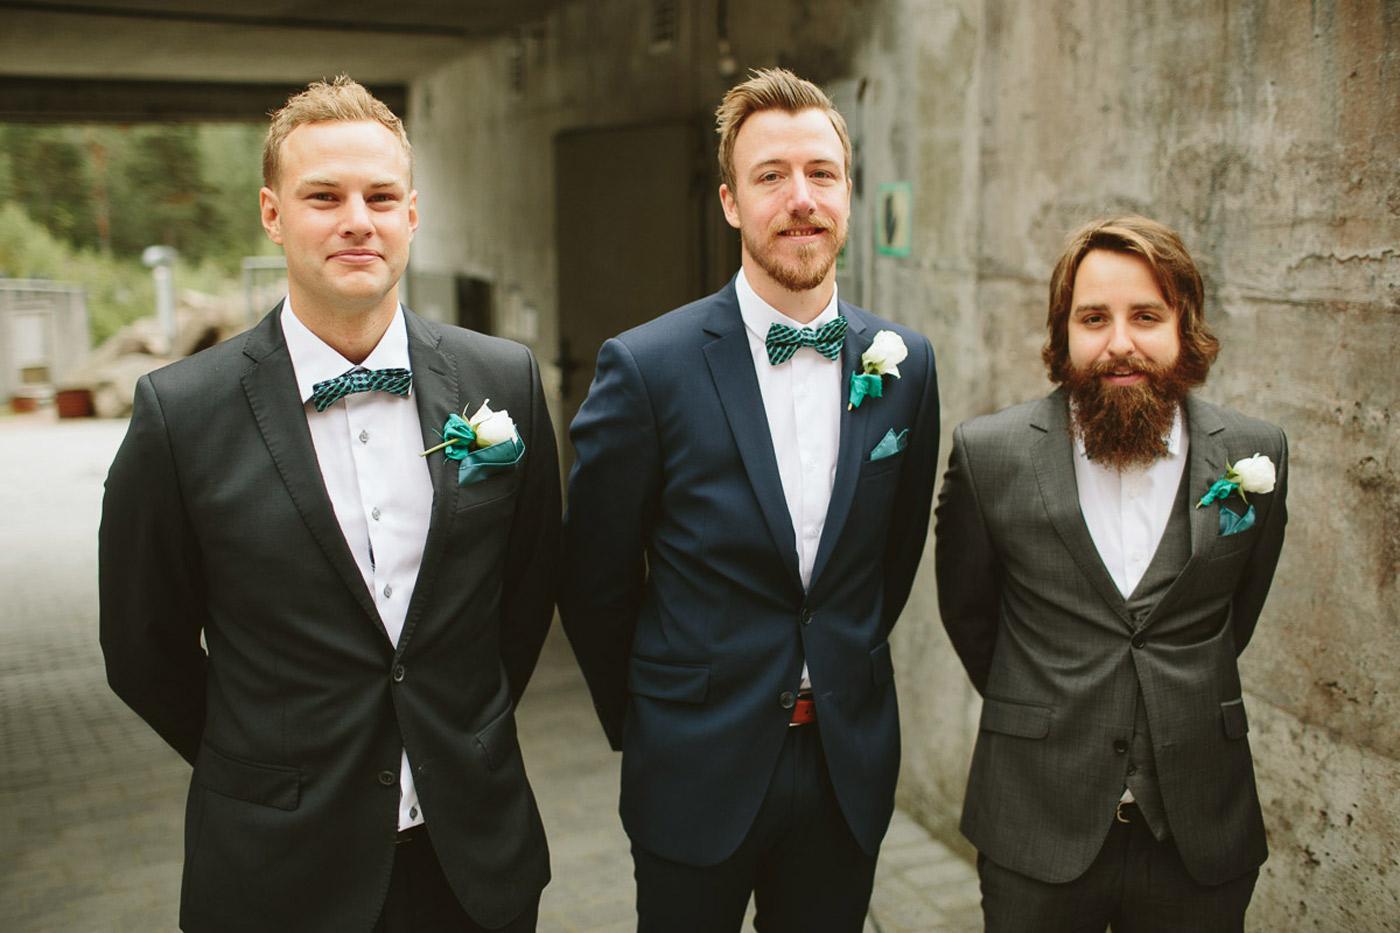 Norway wedding ceremony